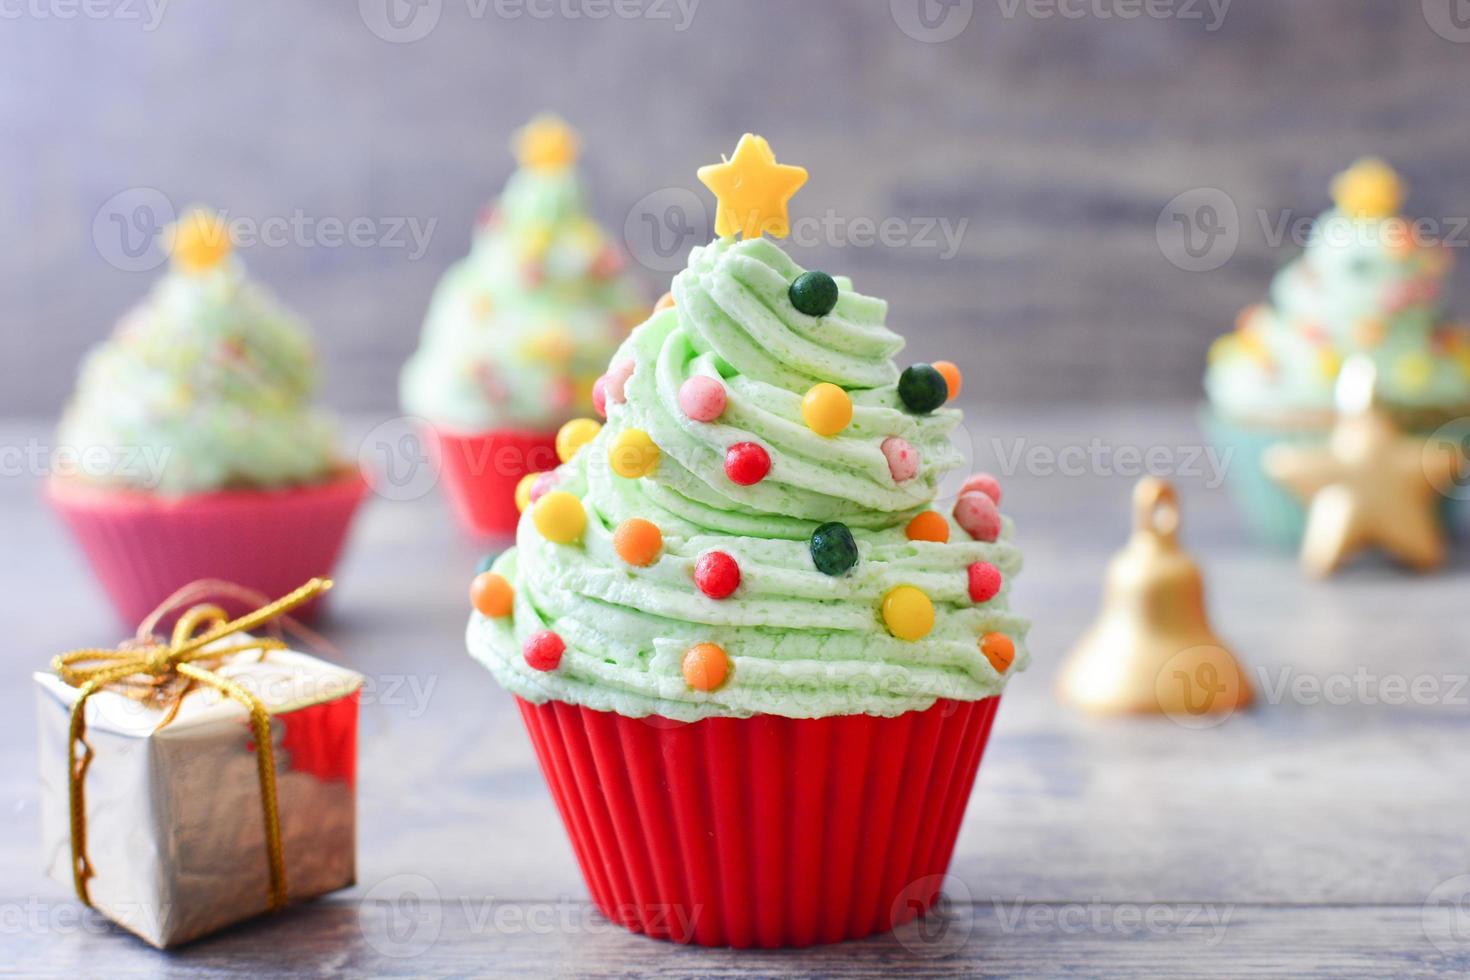 Cupcakes mit Weihnachtsbaumform foto